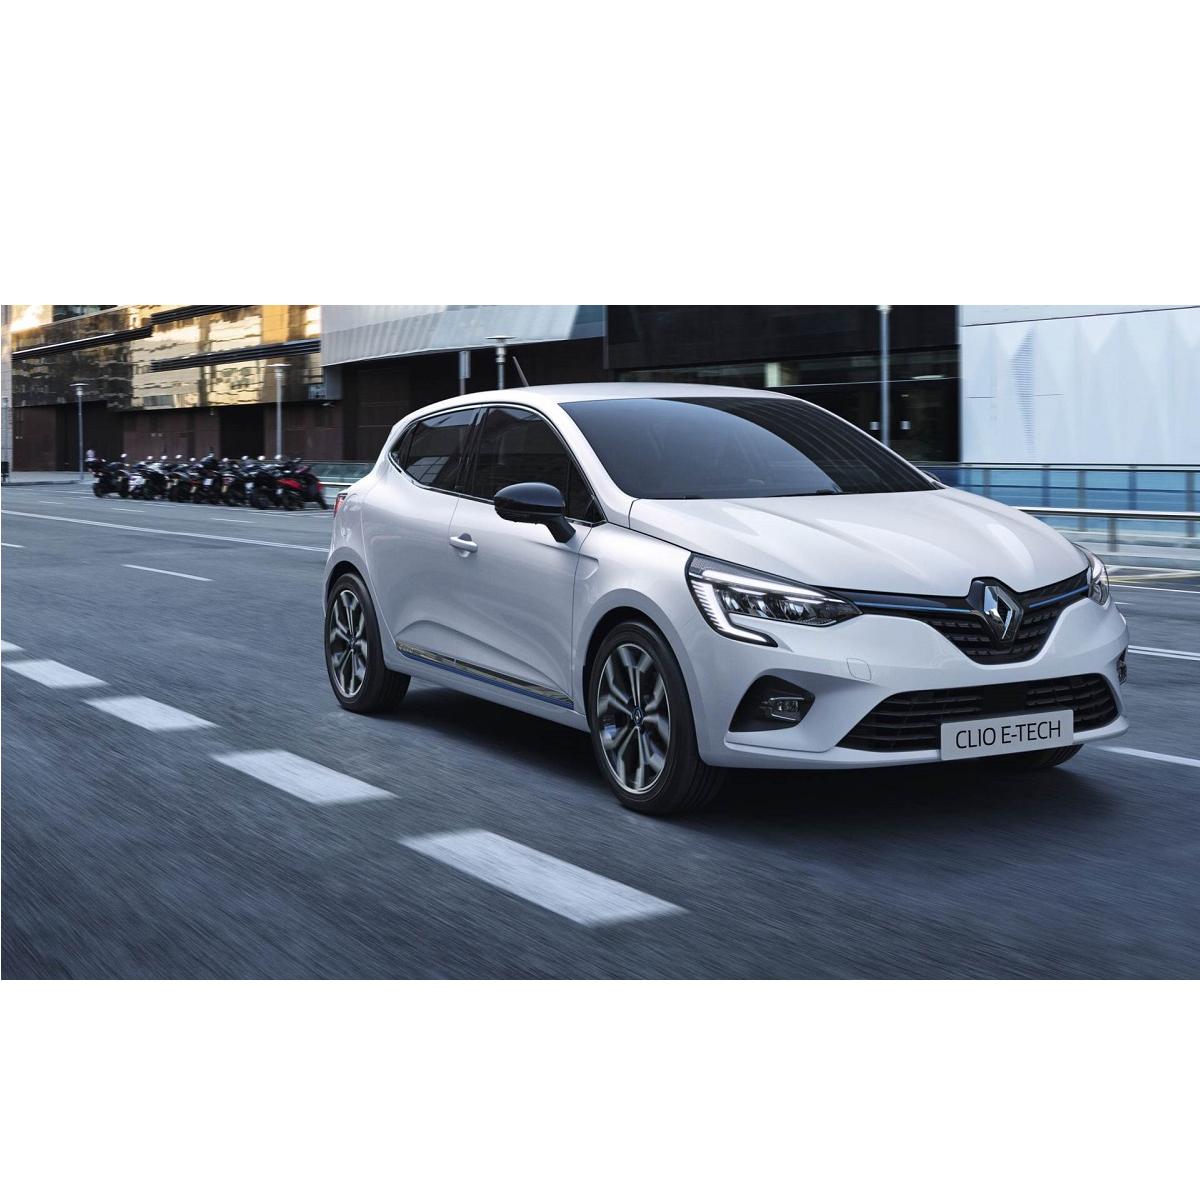 Renault Clio E-Tech Hybrid, auto elettrica che si ricarica da sola